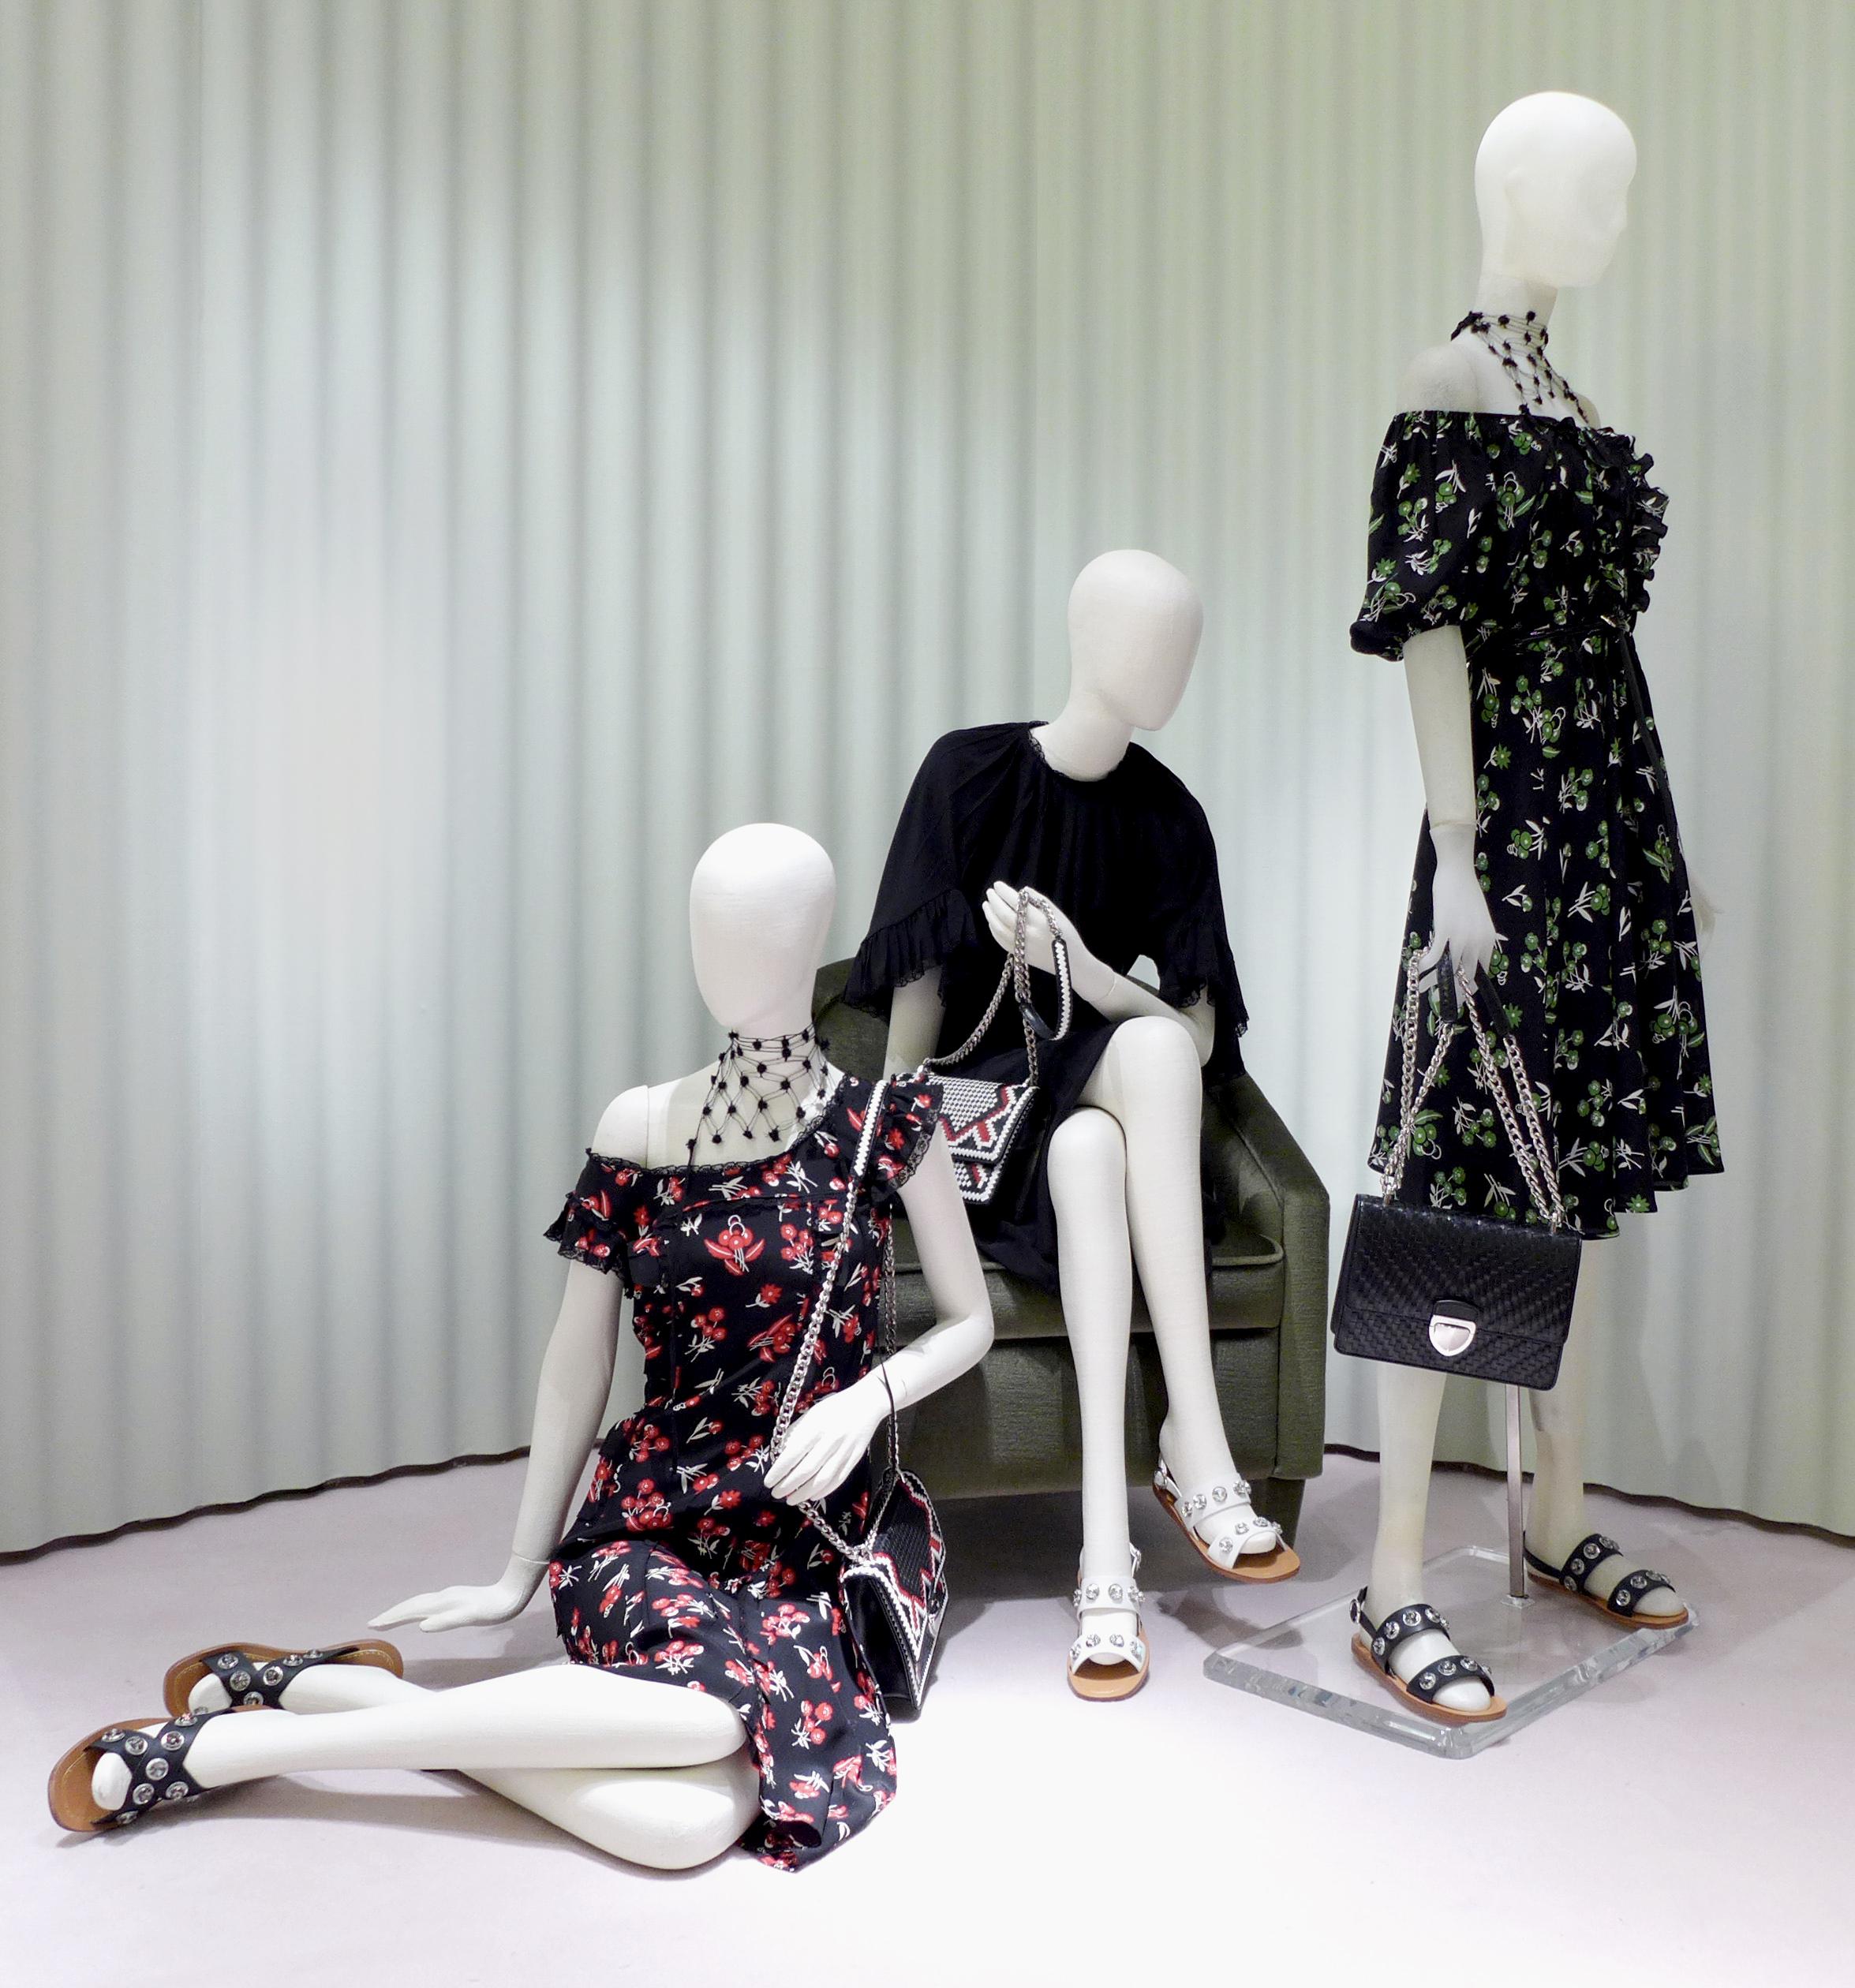 Prada представили капсульную коллекцию в цветочных принтах-320x180